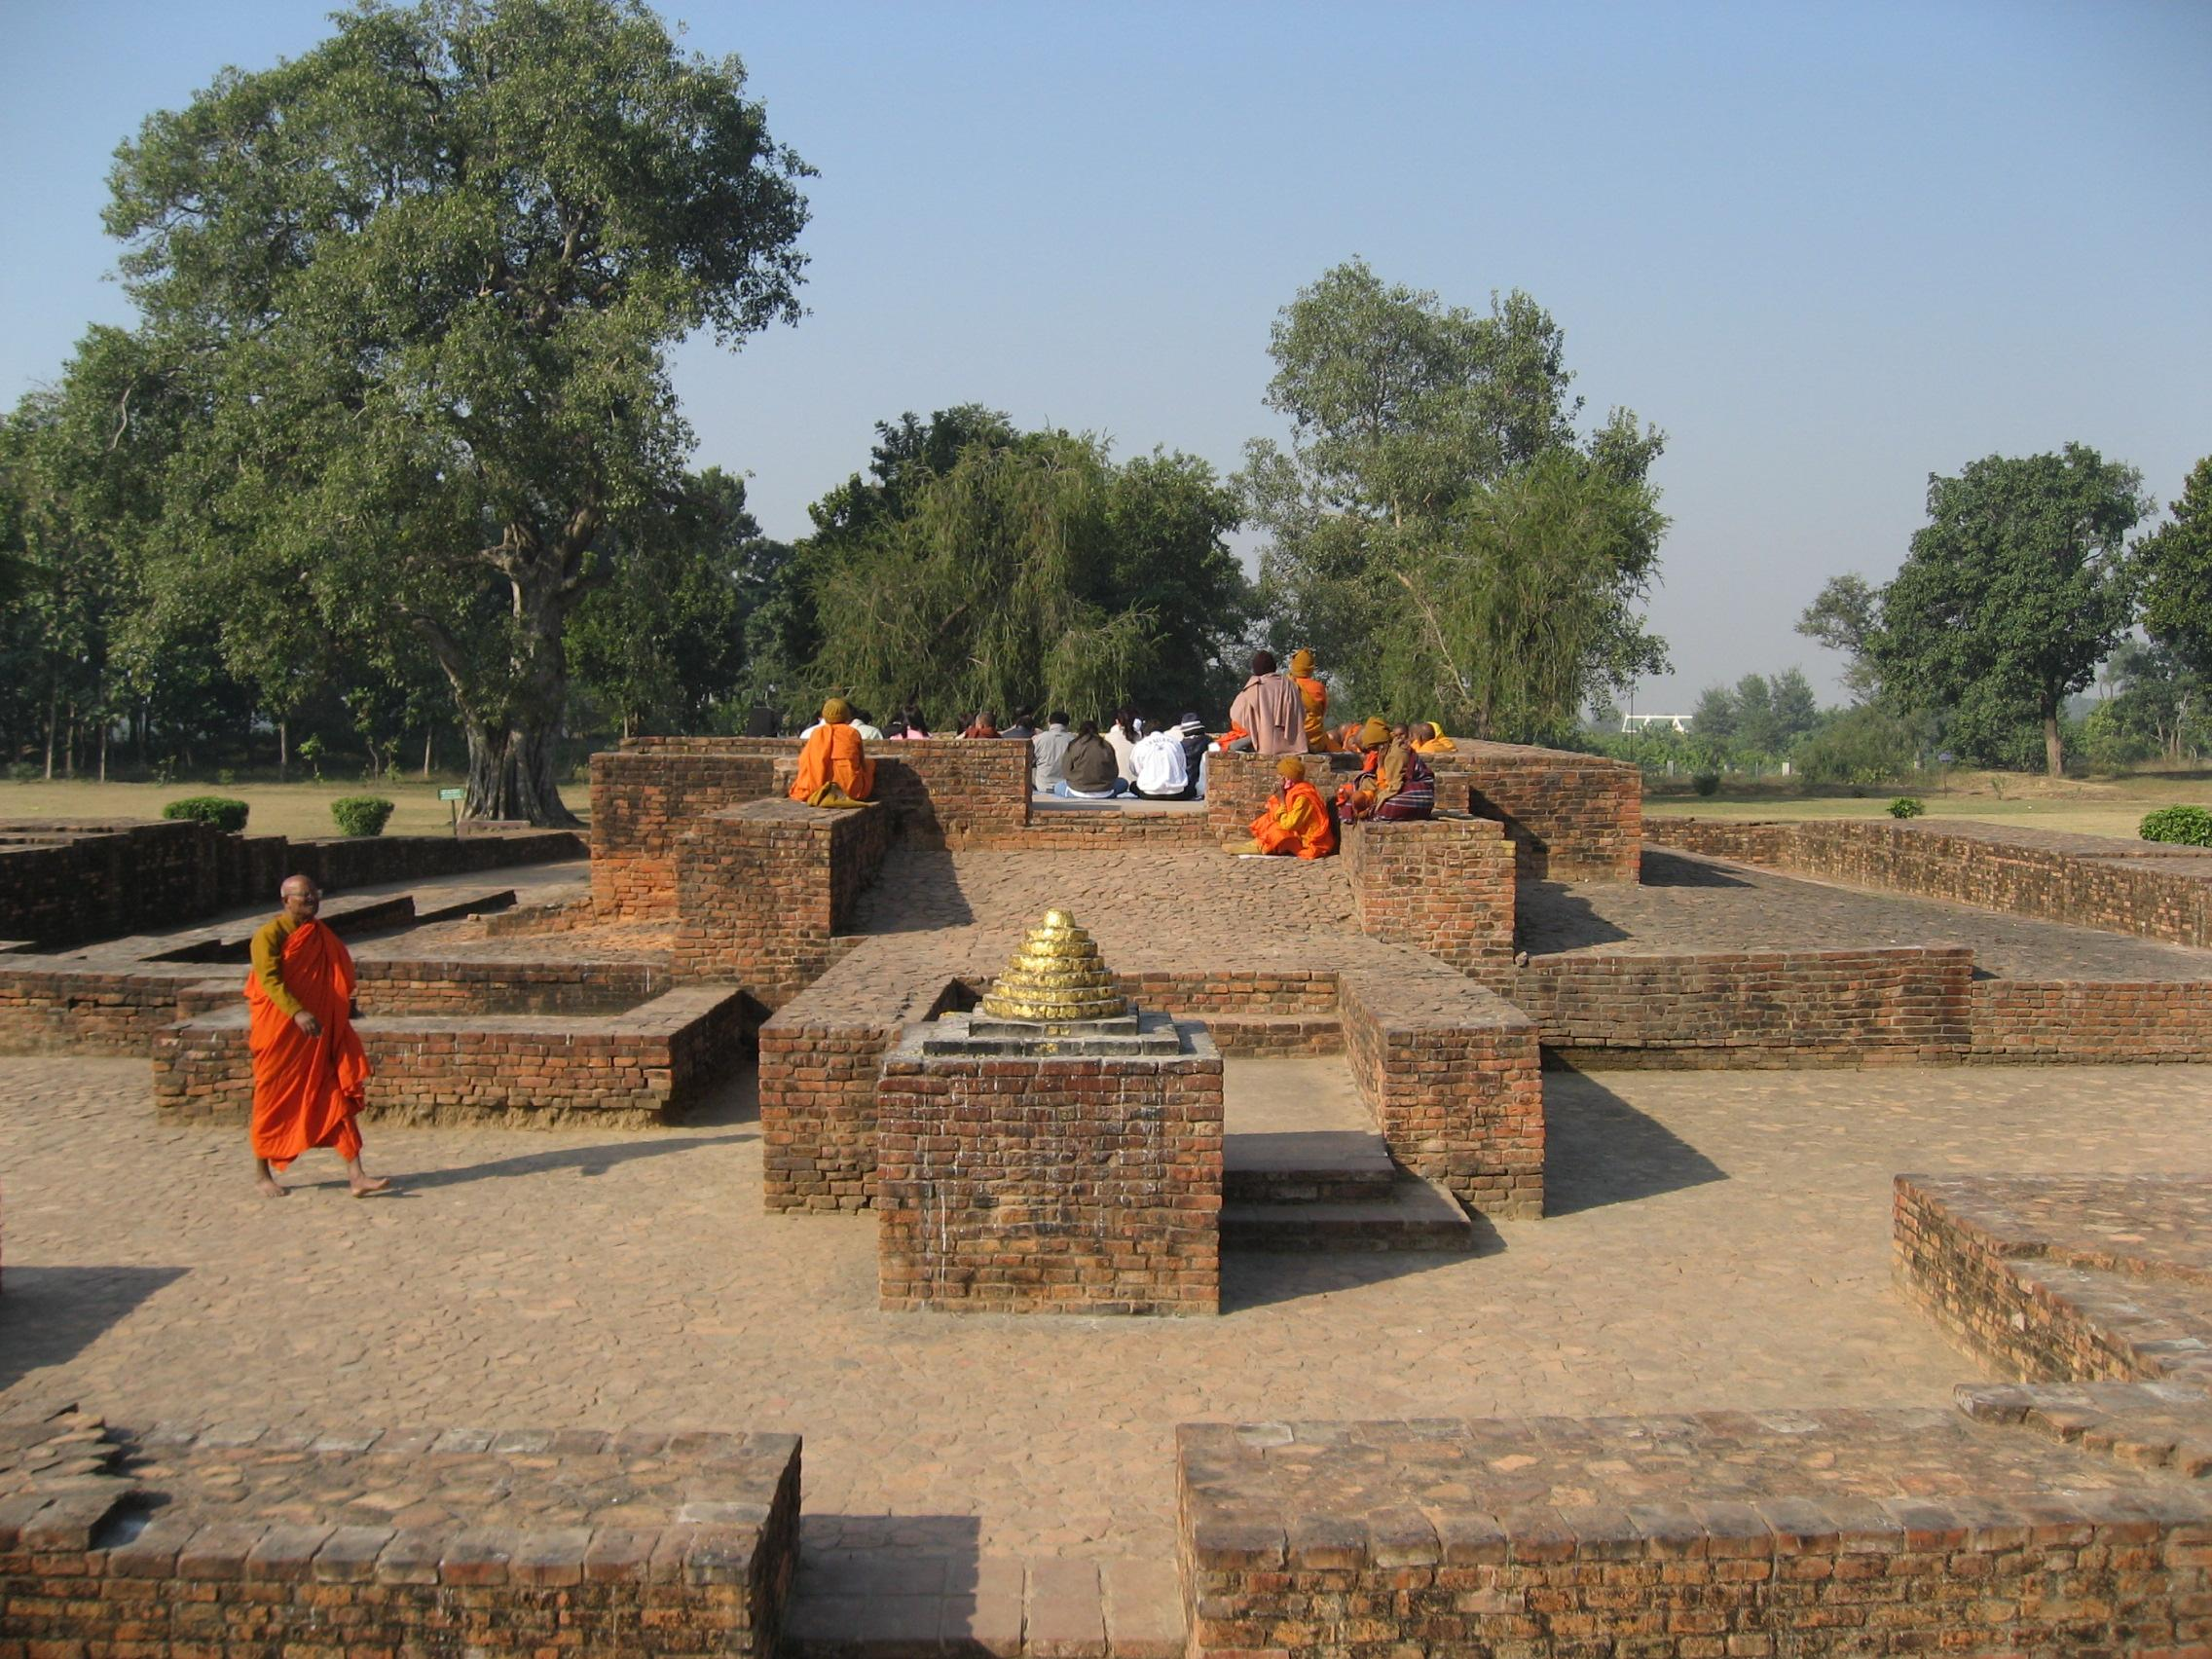 Sravasti India  city photos gallery : Sravasti gandhakuti 維基百科,自由的百科全書